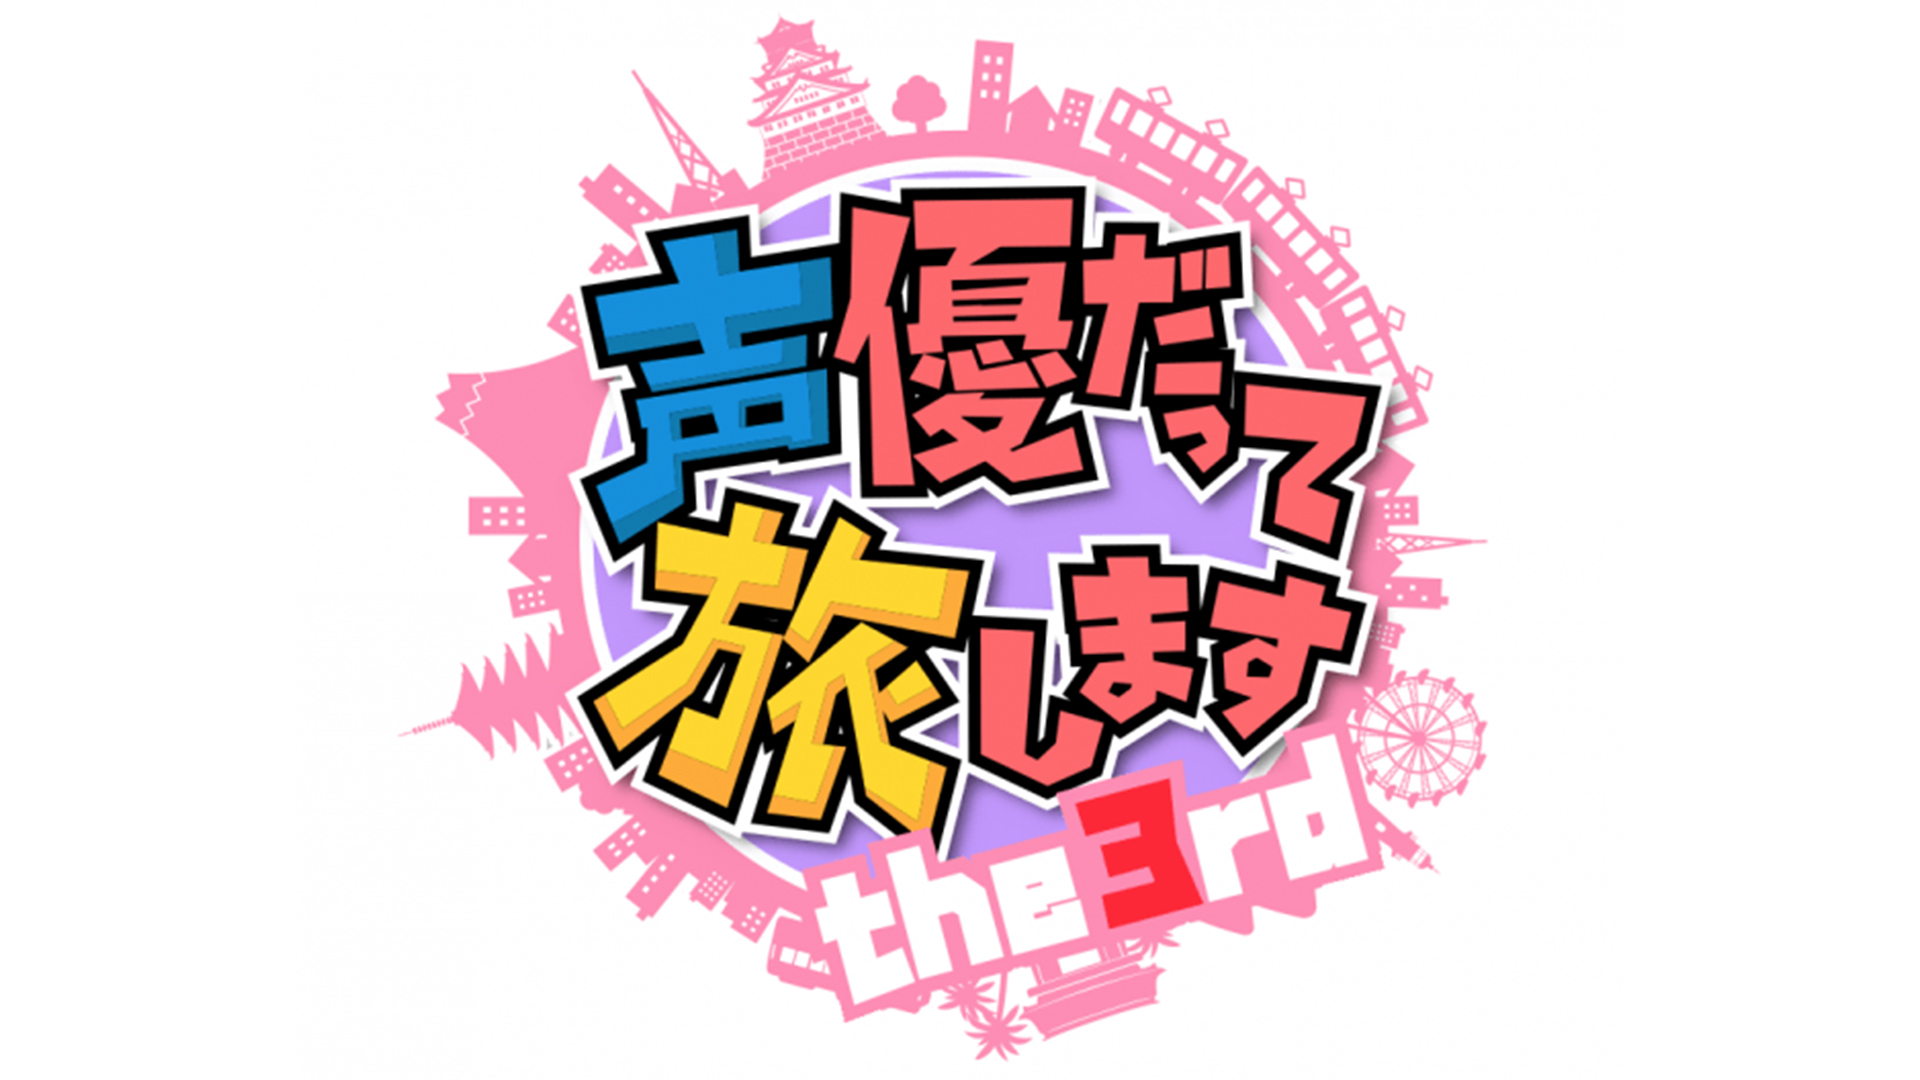 【<声優だって旅します the 3rd>森久保祥太郎がチームリーダーで参加】他、新着トレンド3月22日